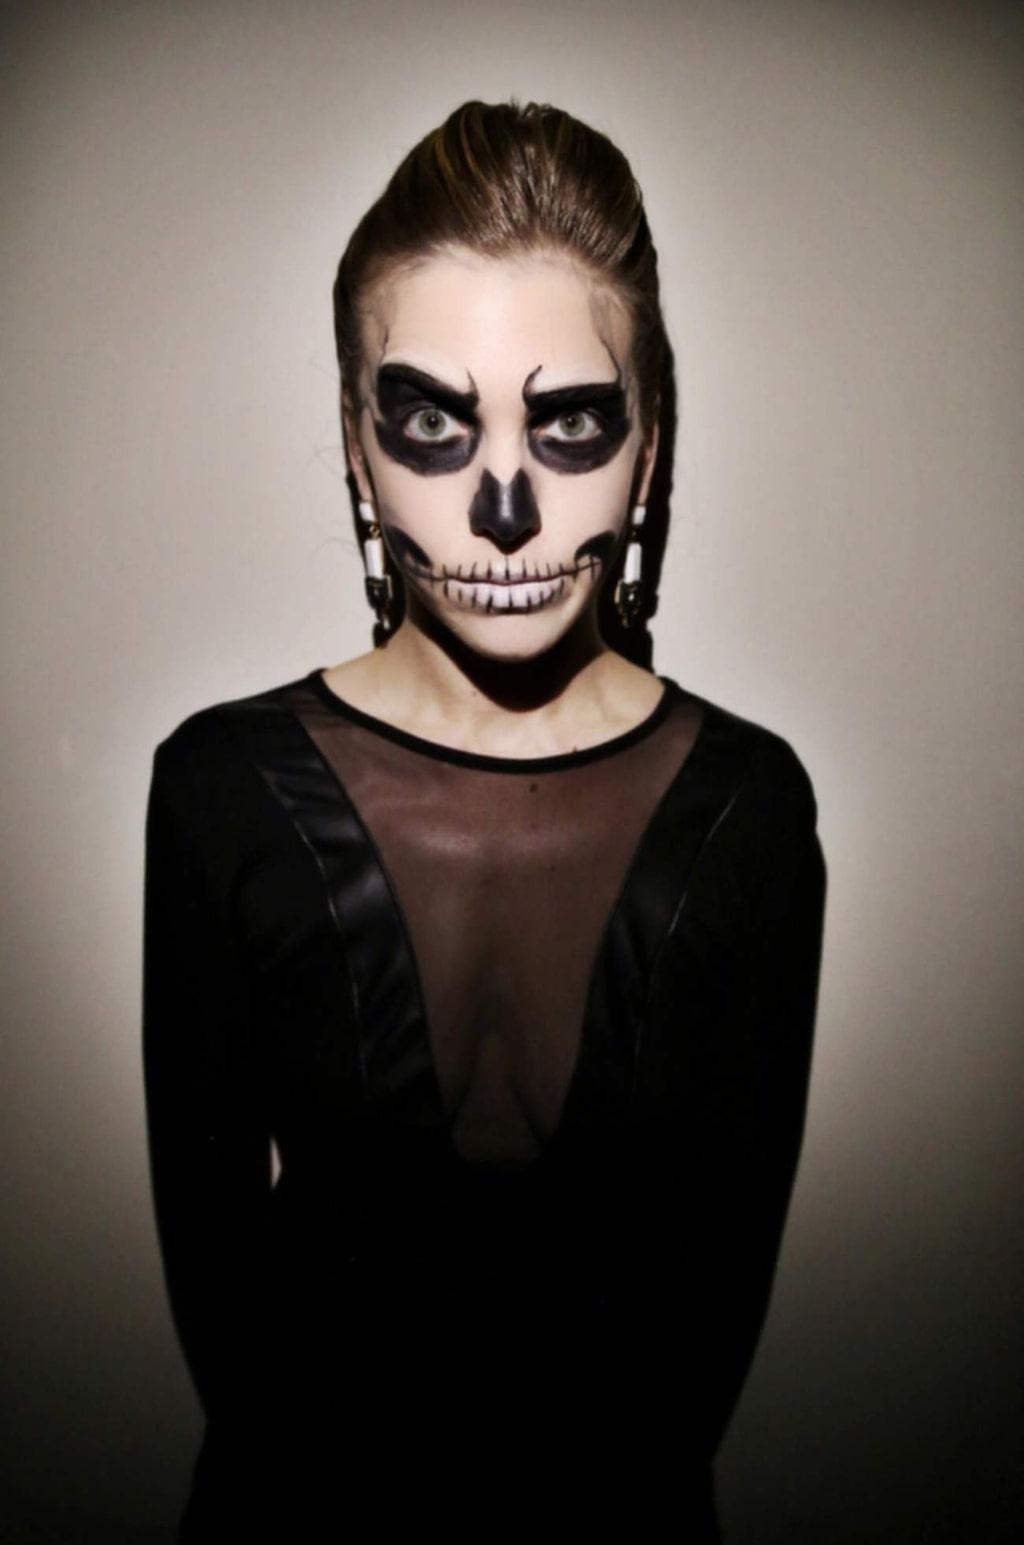 """<p><strong>SKELETTET</strong><br>Allt du behöver i klädväg till den här looken är någonting svart. Fokusera på ögonen och täck gärna läpparna med foundation innan du målar över munnen.<br>Bild: <a href=""""http://stylecaster.com/halloween-skeleton-makeup/"""">Stylecaster</a></p>"""